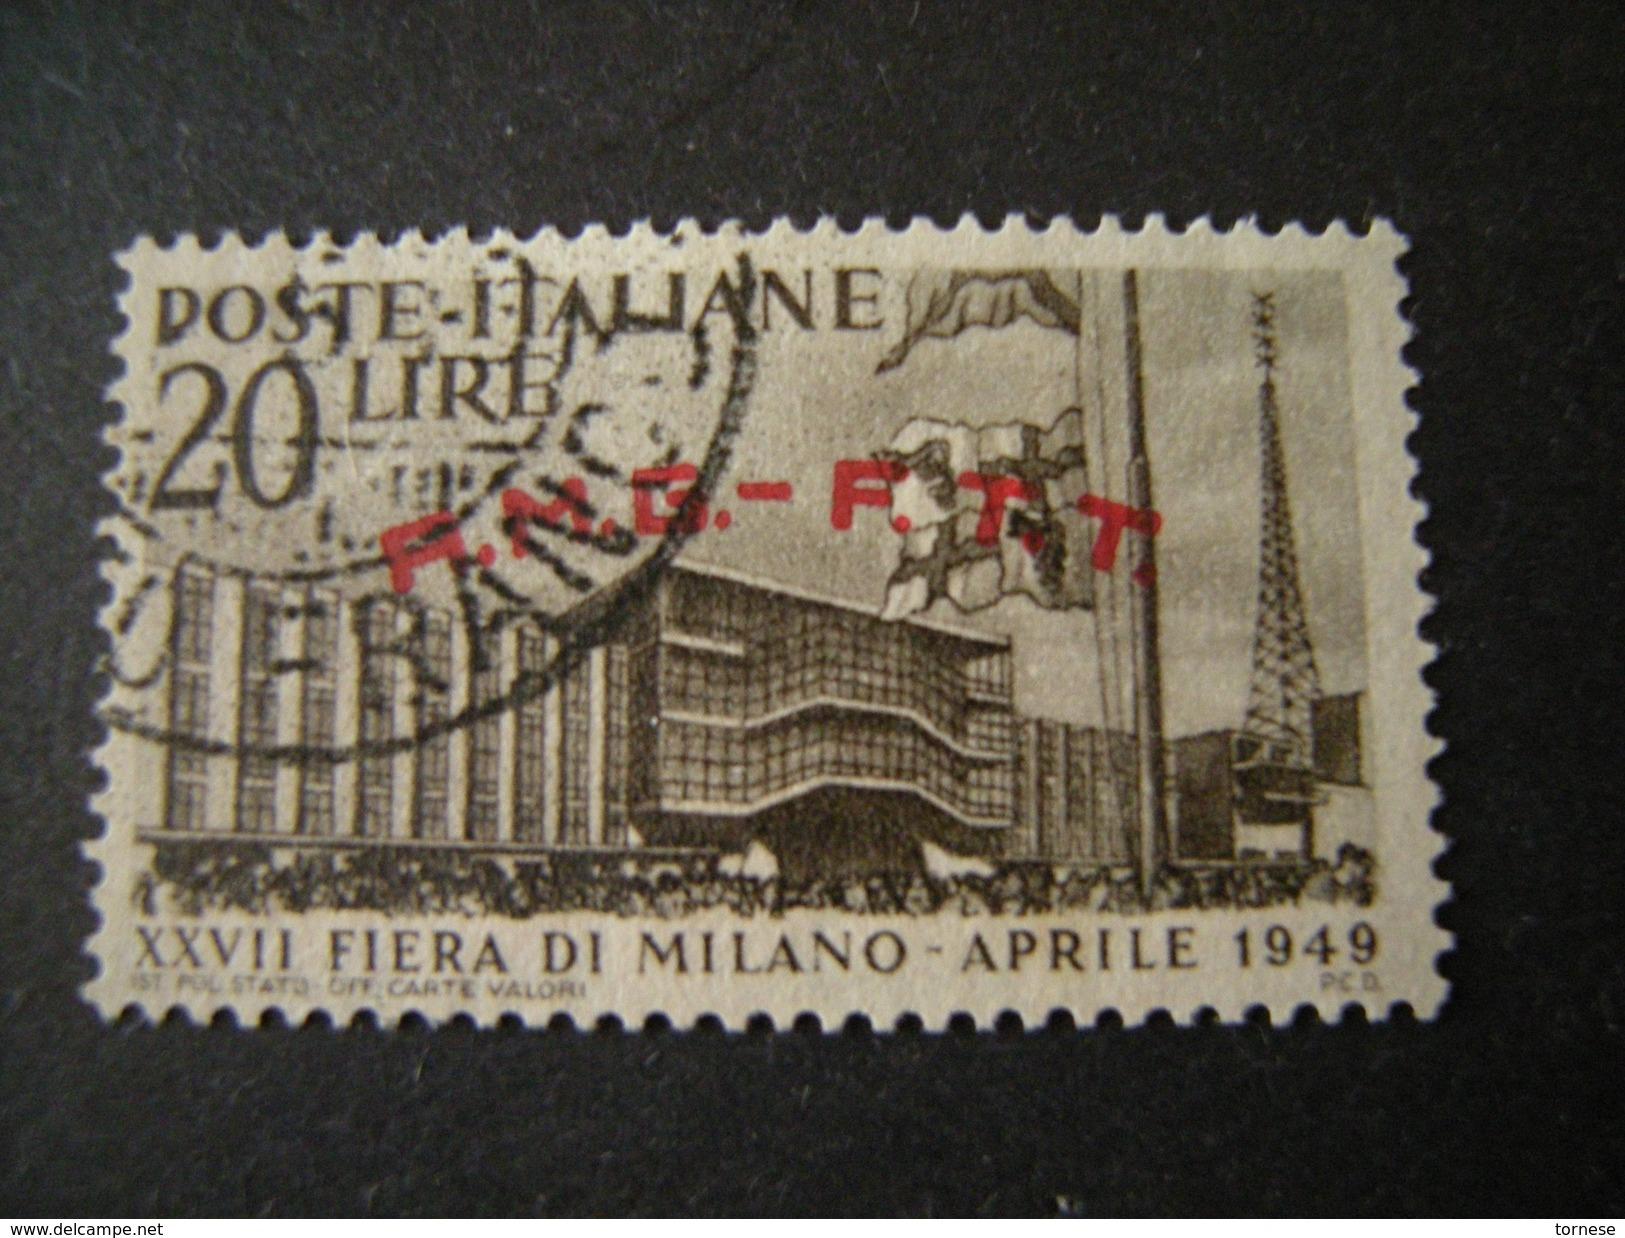 TRIESTE - AMGFTT. 1949, FIERA DI MILANO, L. 20 Bruno Scuro, Usato, TTB - 7. Triest